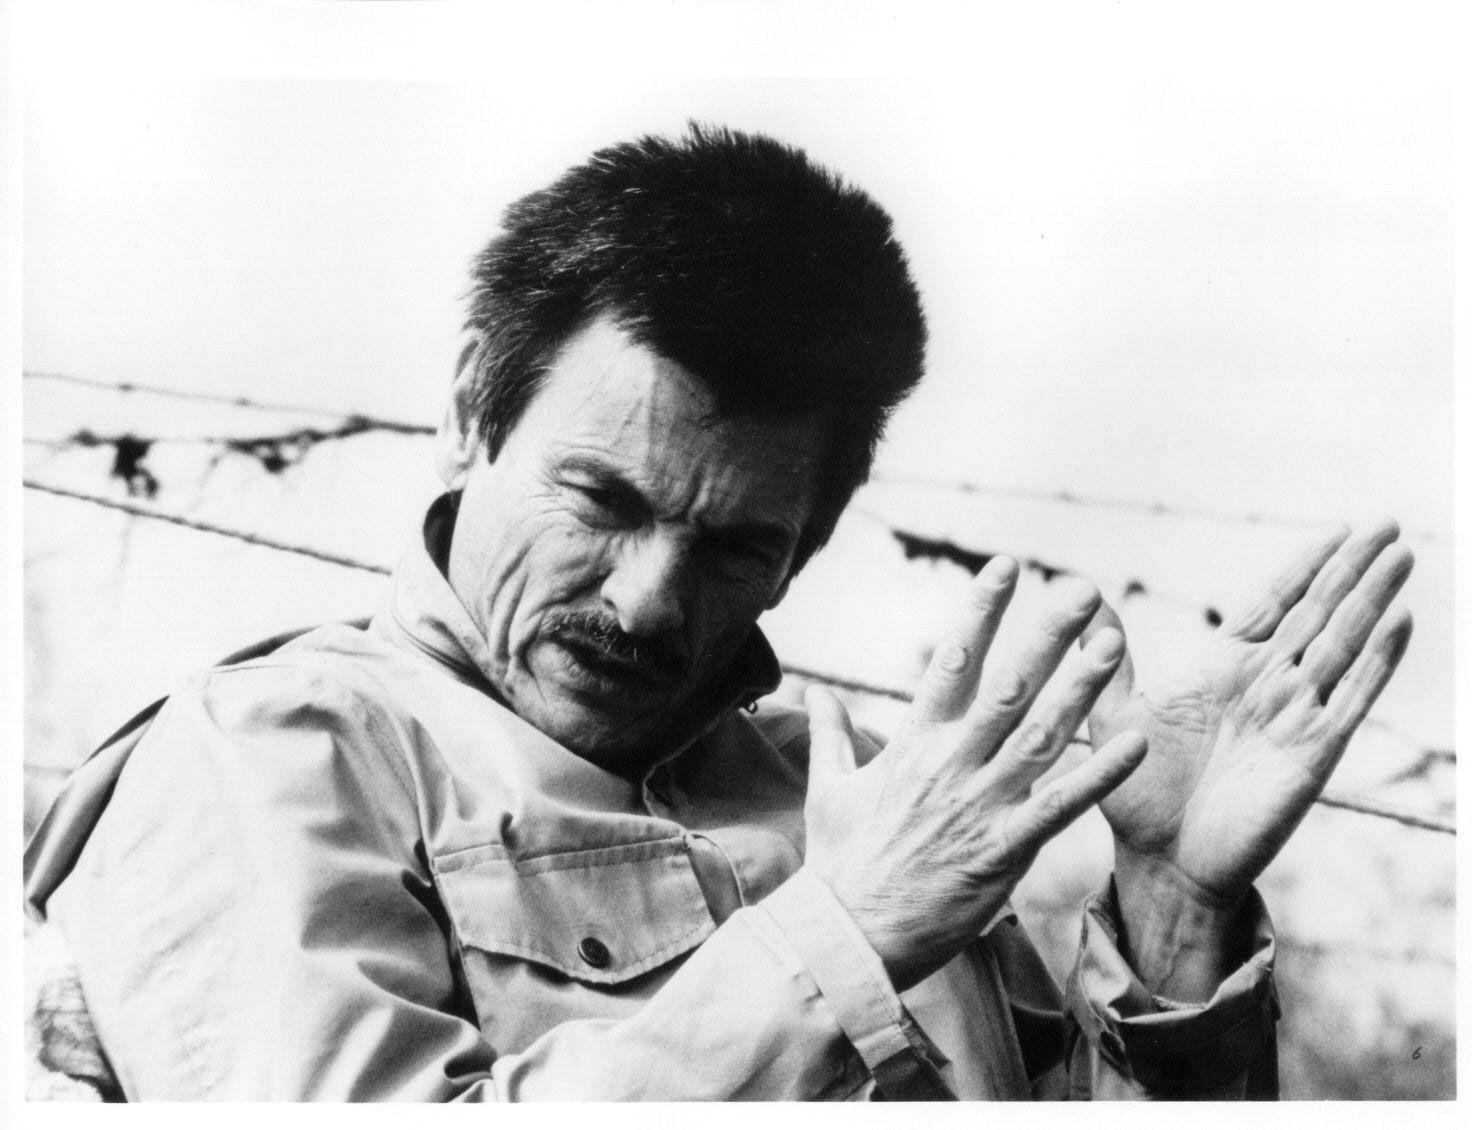 , Αντρέι Ταρκόφσκι, «φεύγει» σαν σήμερα πριν από 32 χρόνια